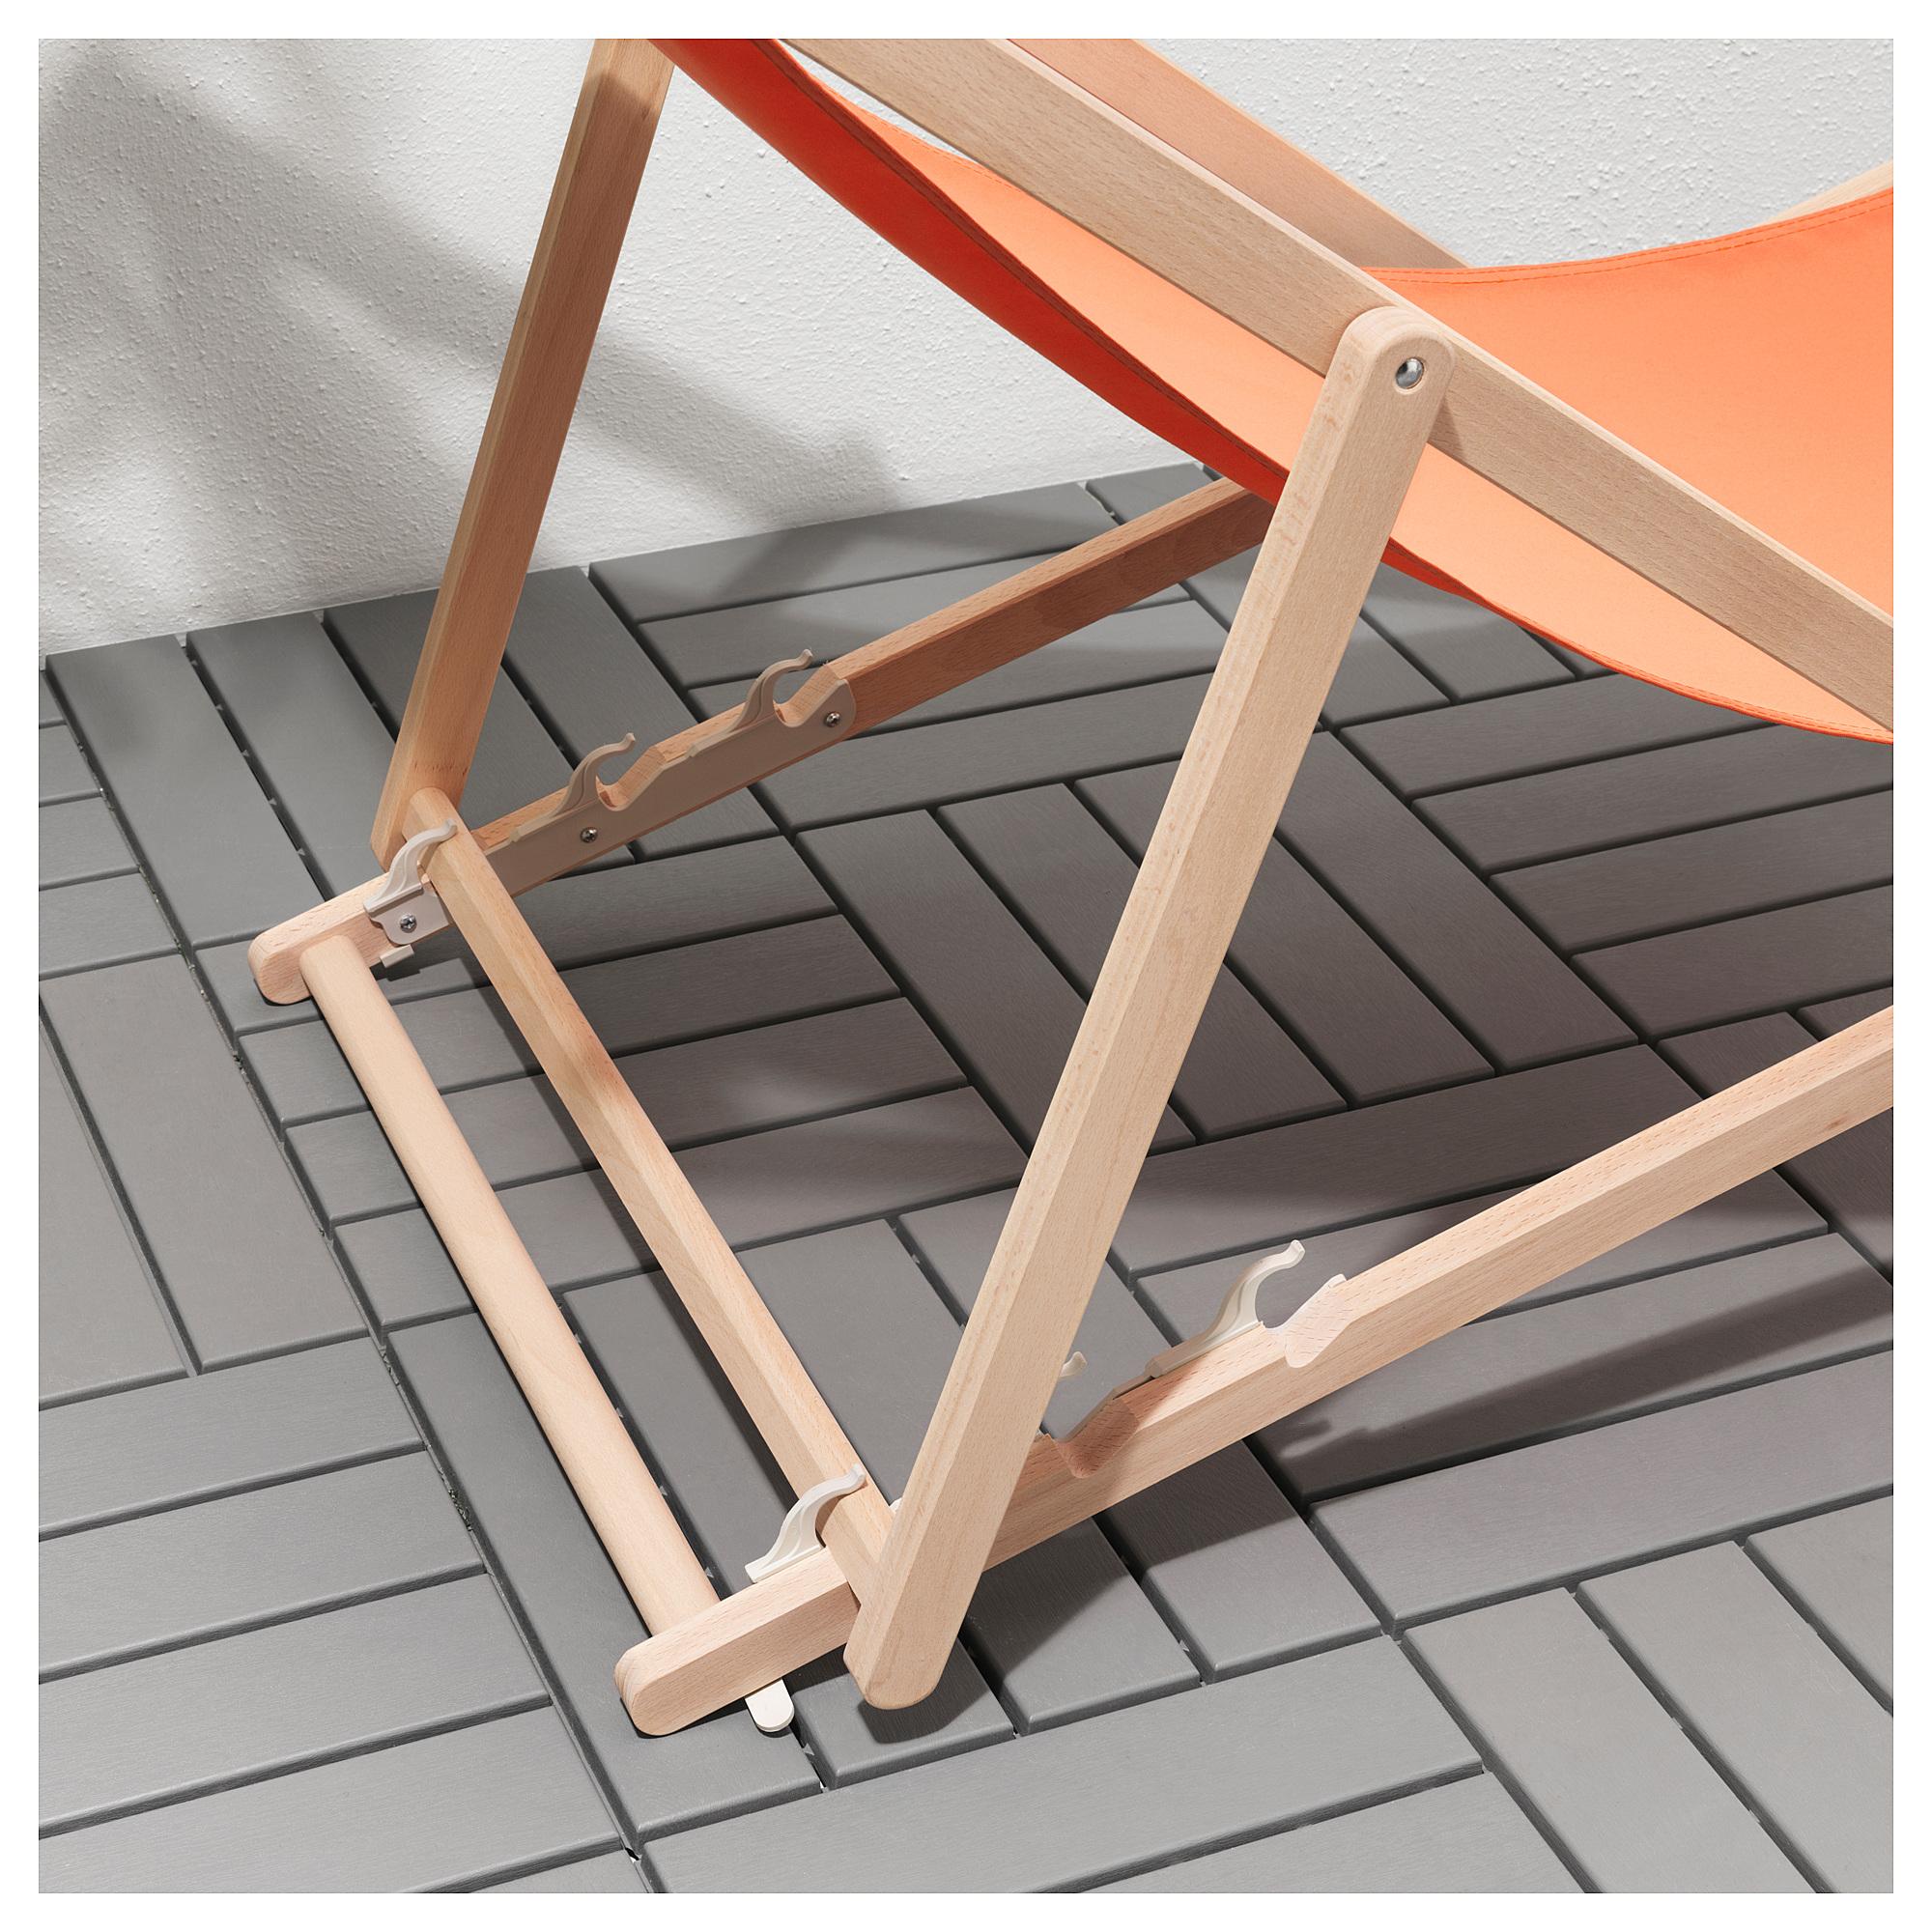 Пляжный стул МЮСИНГСО артикуль № 603.895.21 в наличии. Онлайн сайт ИКЕА РБ. Недорогая доставка и соборка.